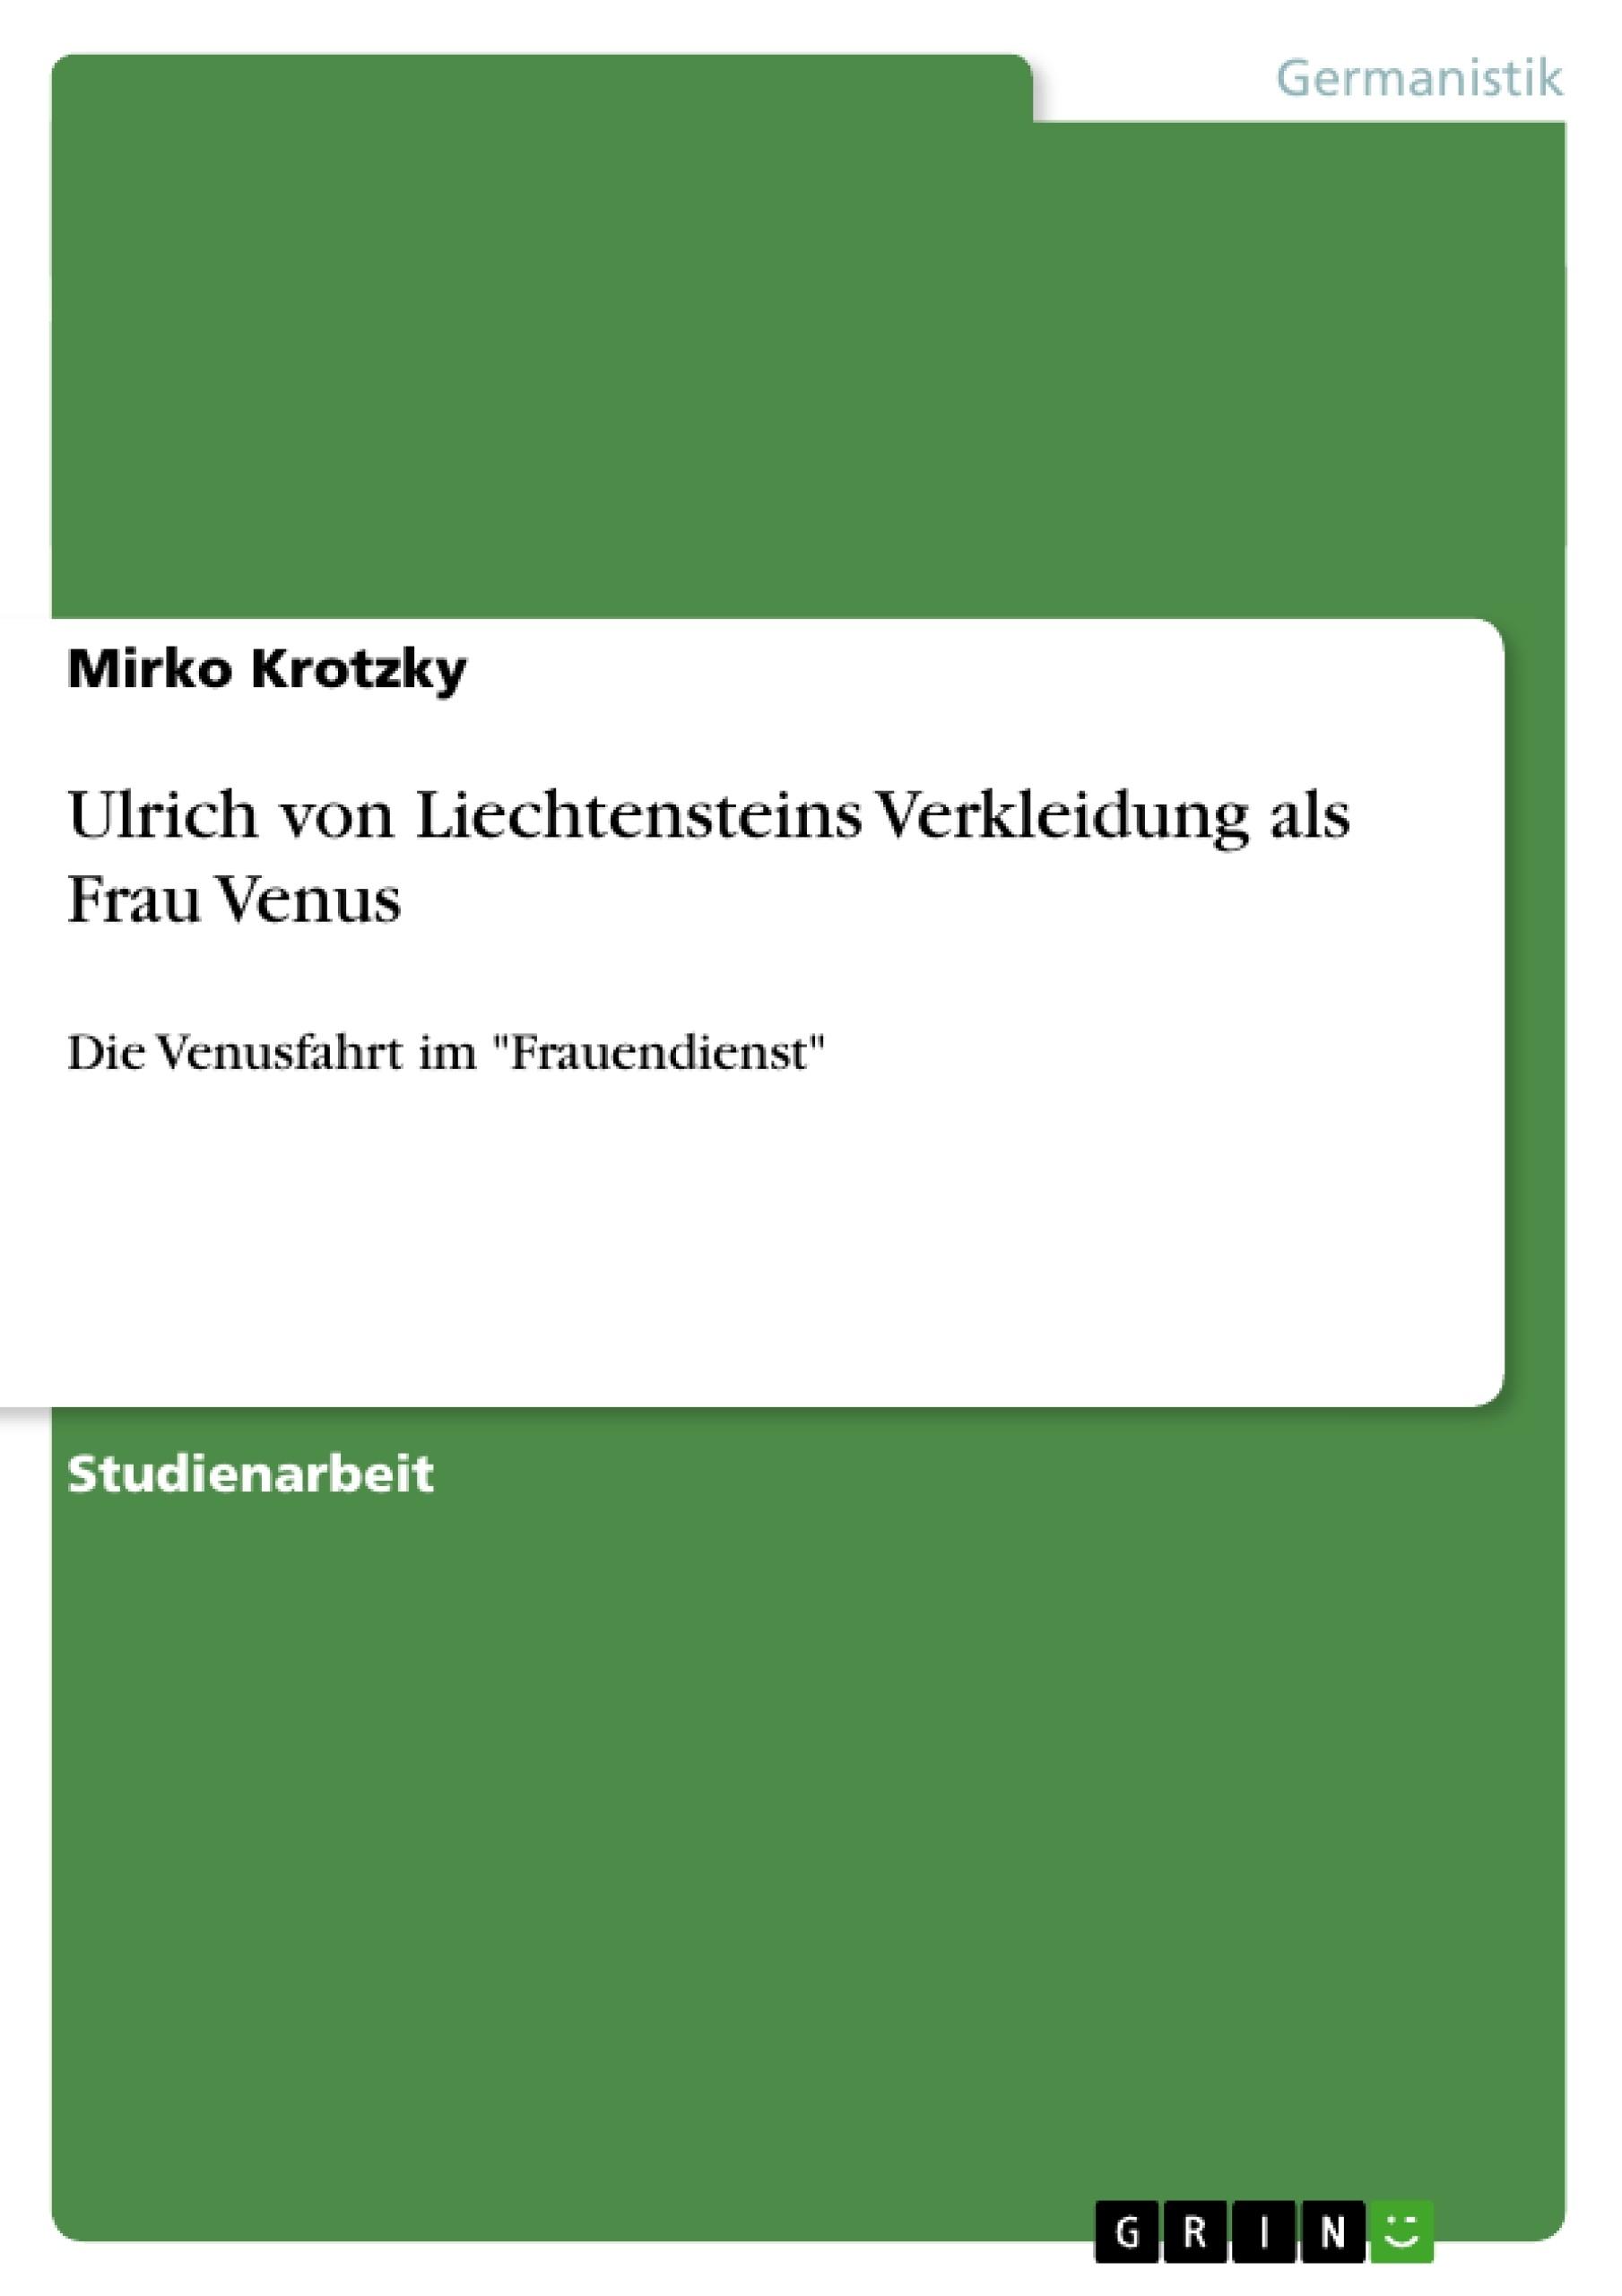 Titel: Ulrich von Liechtensteins Verkleidung als Frau Venus